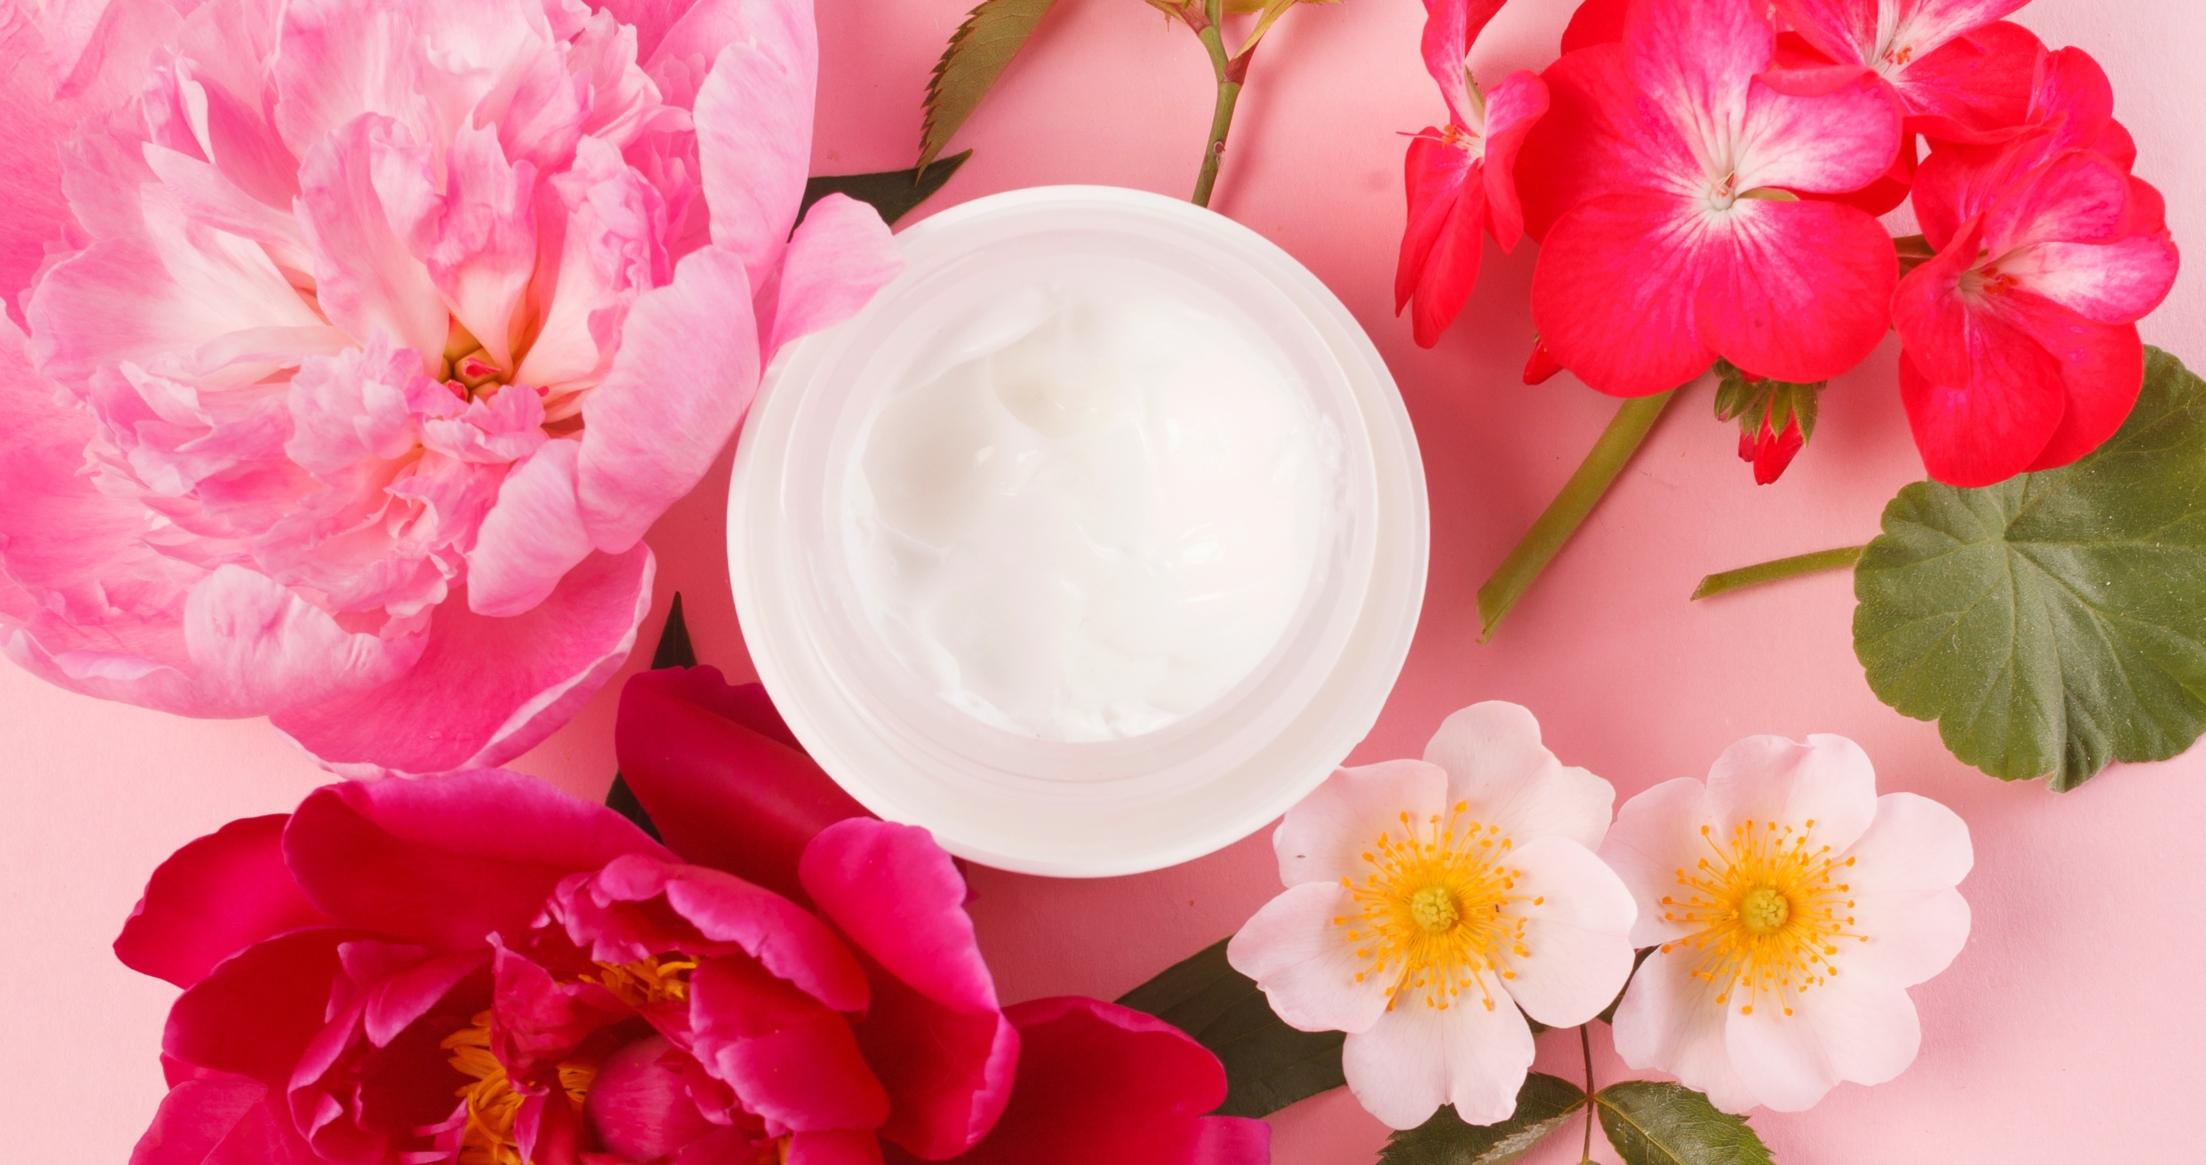 Miglior crema antimacchie 2020: Guida all'acquisto